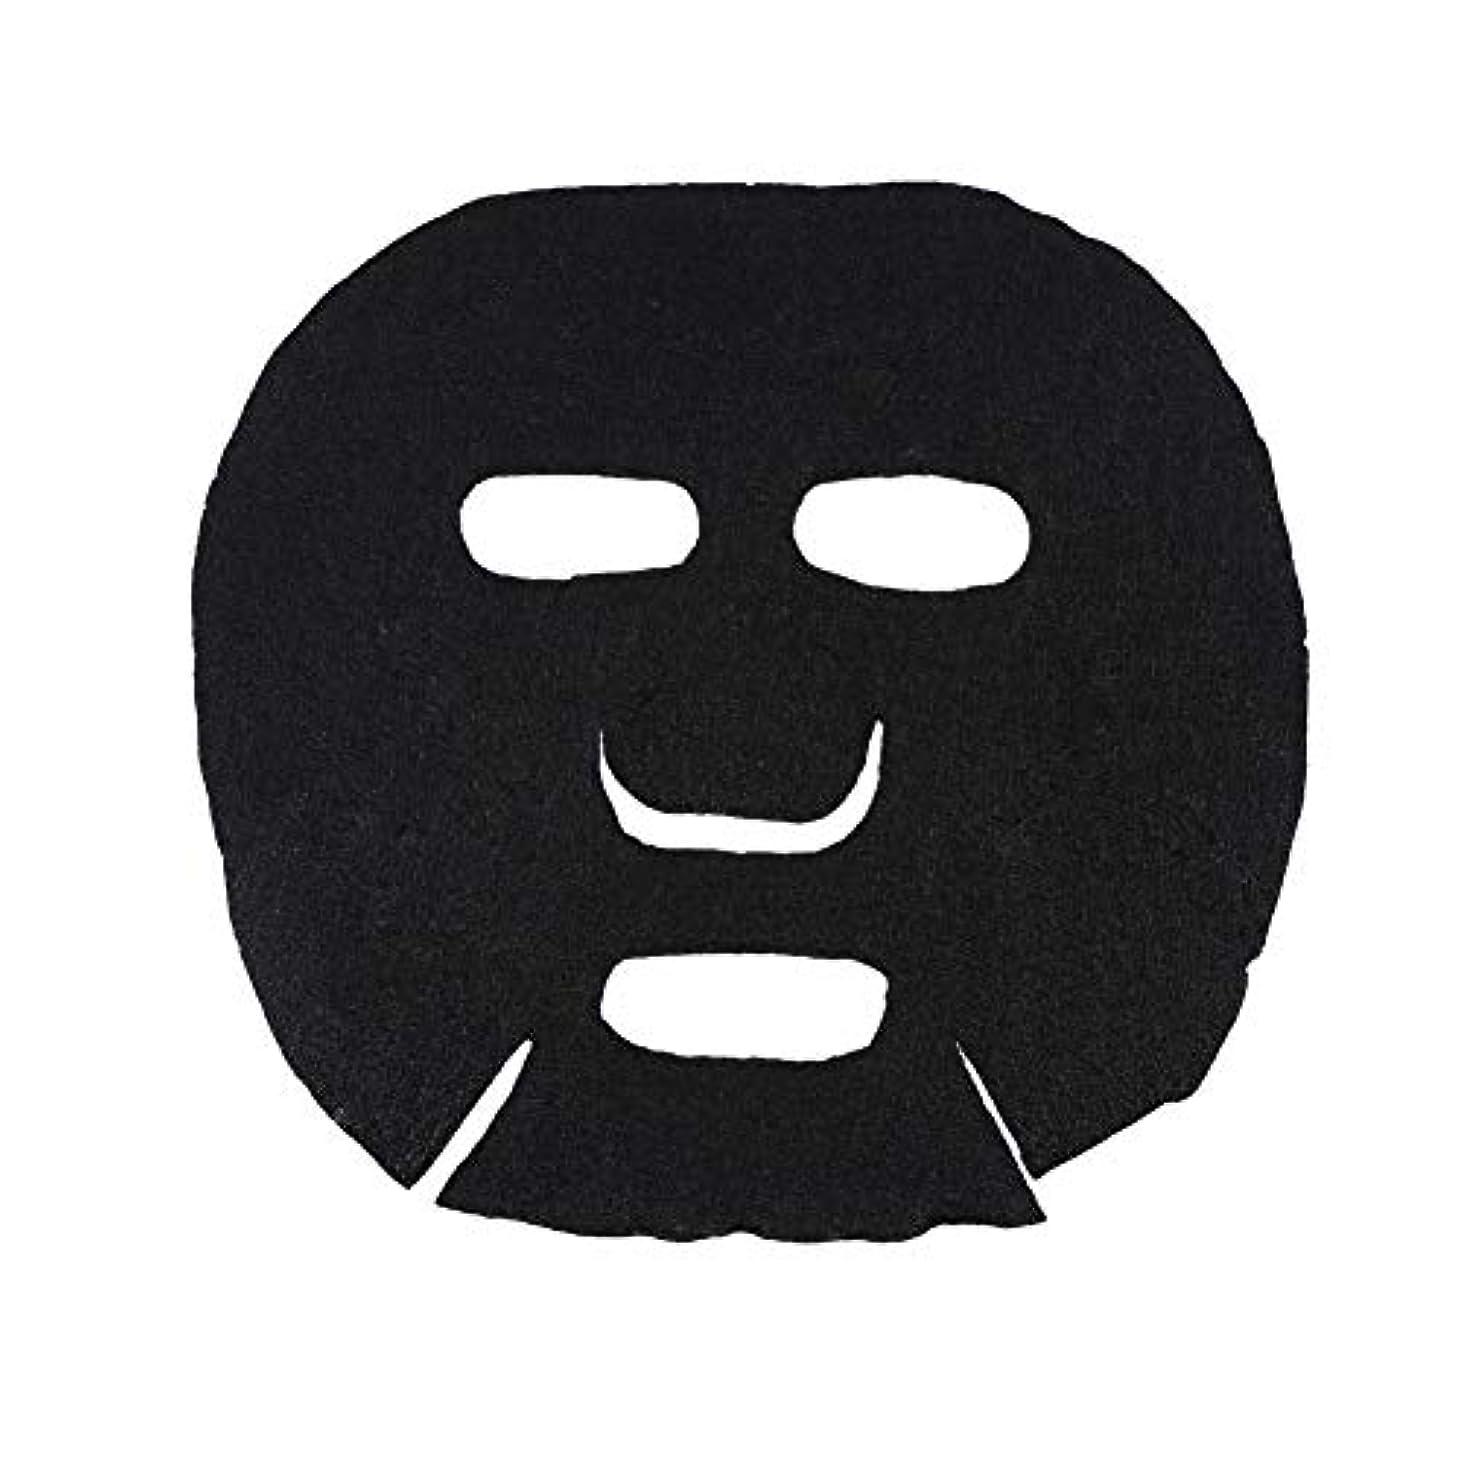 アレルギー貸す遷移30Pcs / 40Pcsマスク紙、マスク紙綿、スキンフェイスケアDIYフェイシャルペーパーコンプレスマスクマスクナチュラルコットンスキンケアマスクDIYシートマスク(30pcs)